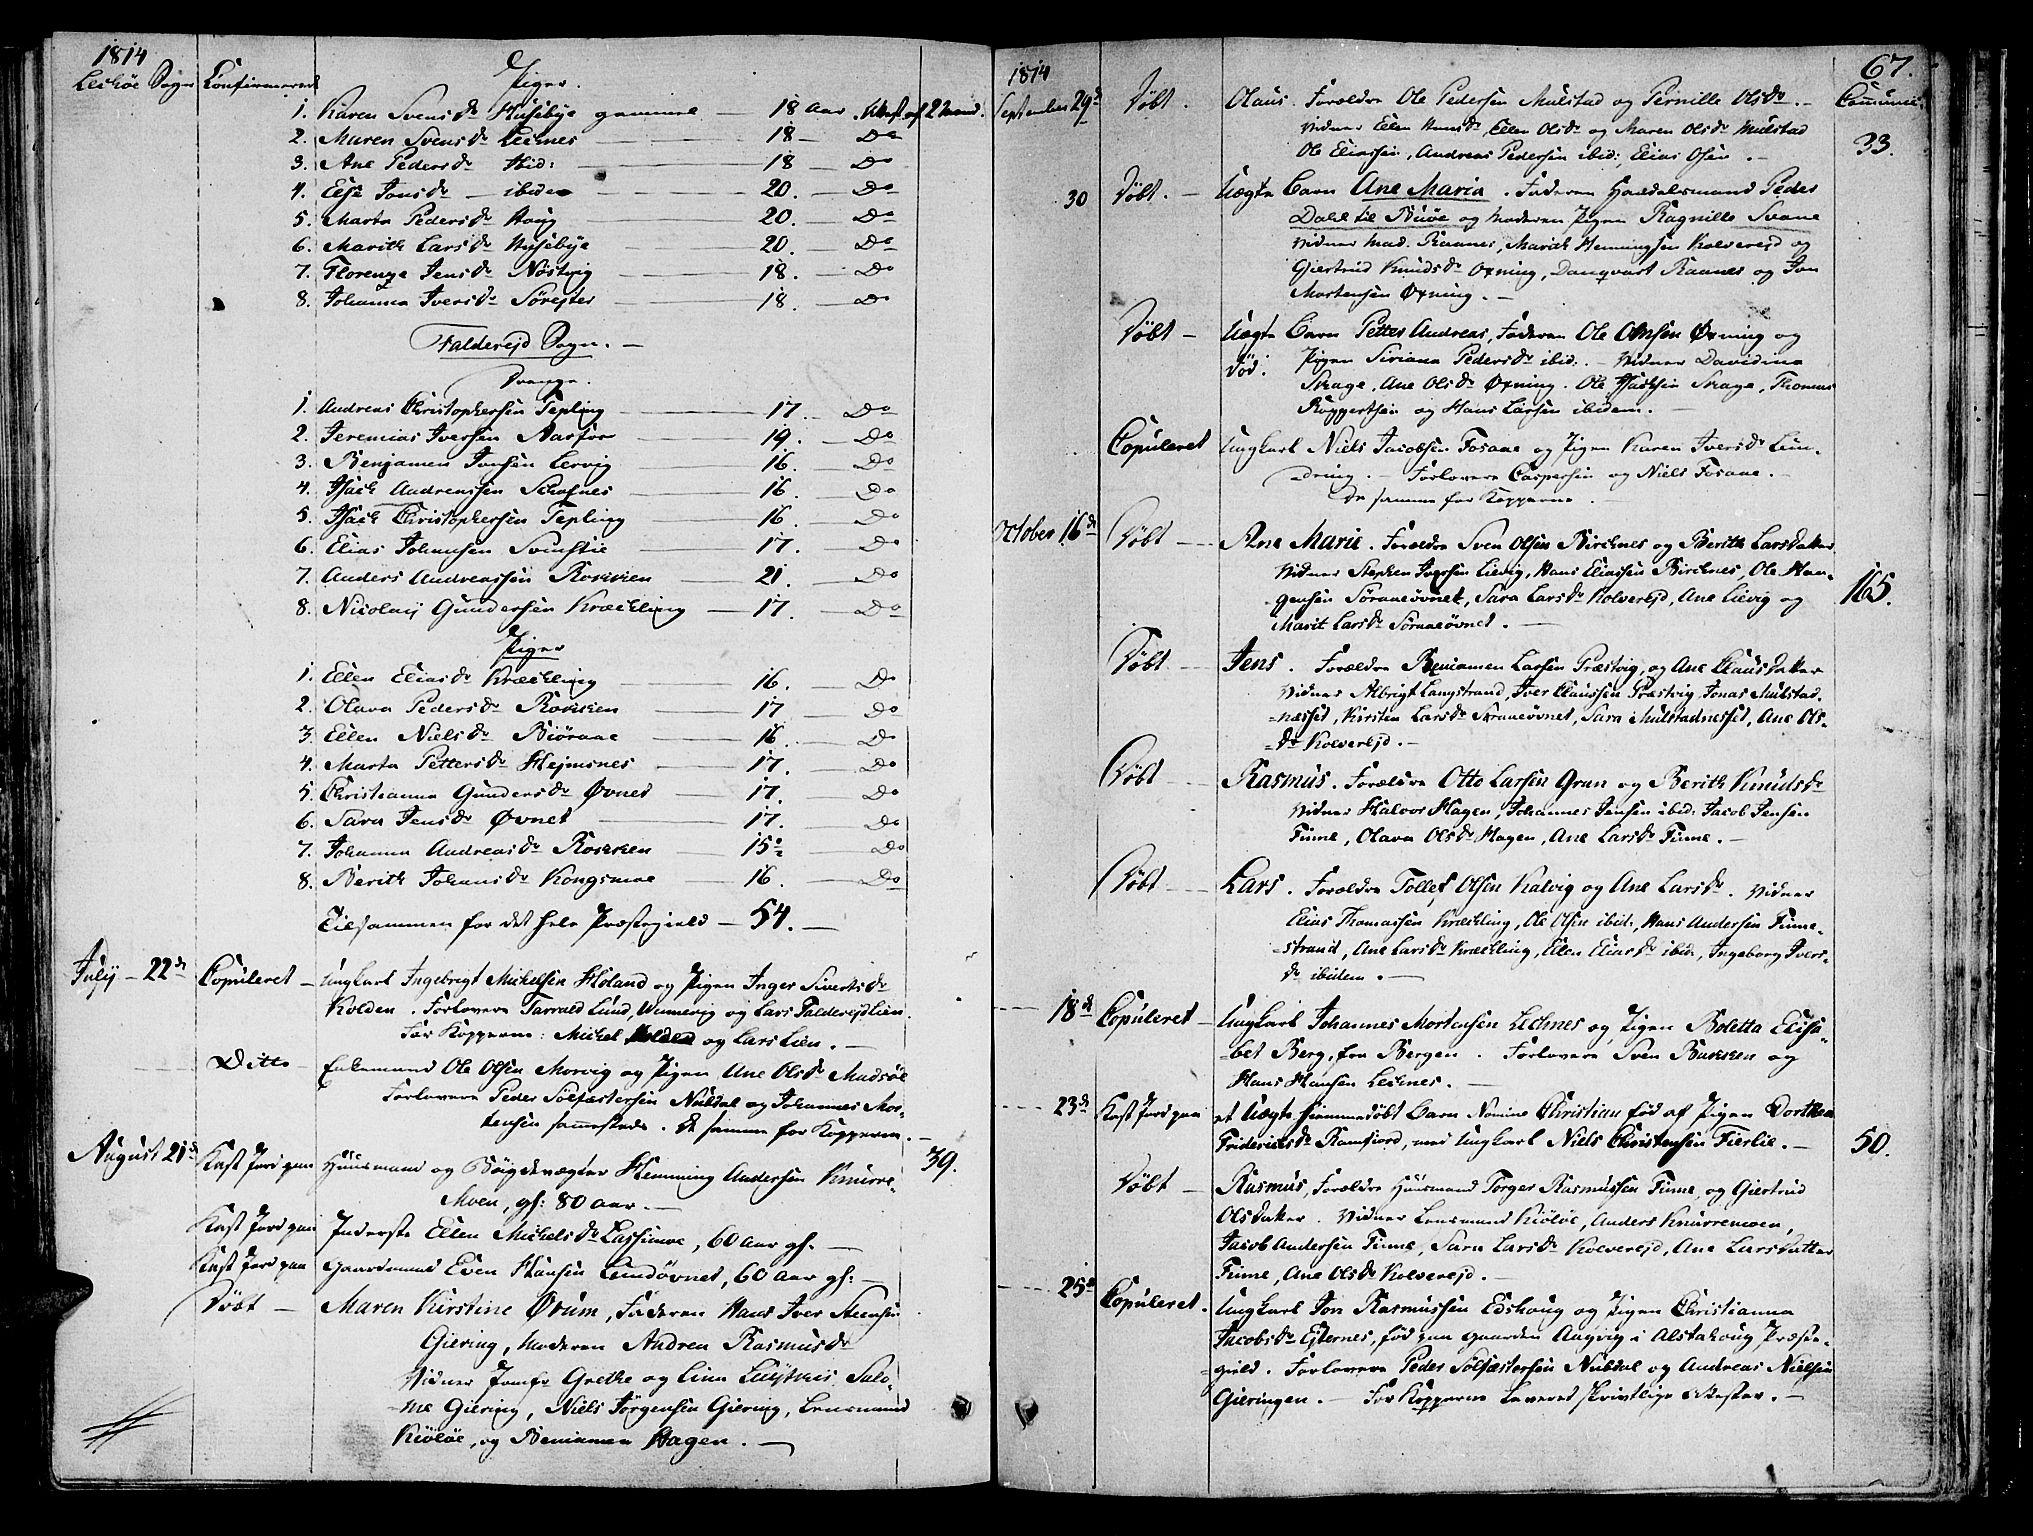 SAT, Ministerialprotokoller, klokkerbøker og fødselsregistre - Nord-Trøndelag, 780/L0633: Ministerialbok nr. 780A02 /1, 1787-1814, s. 67